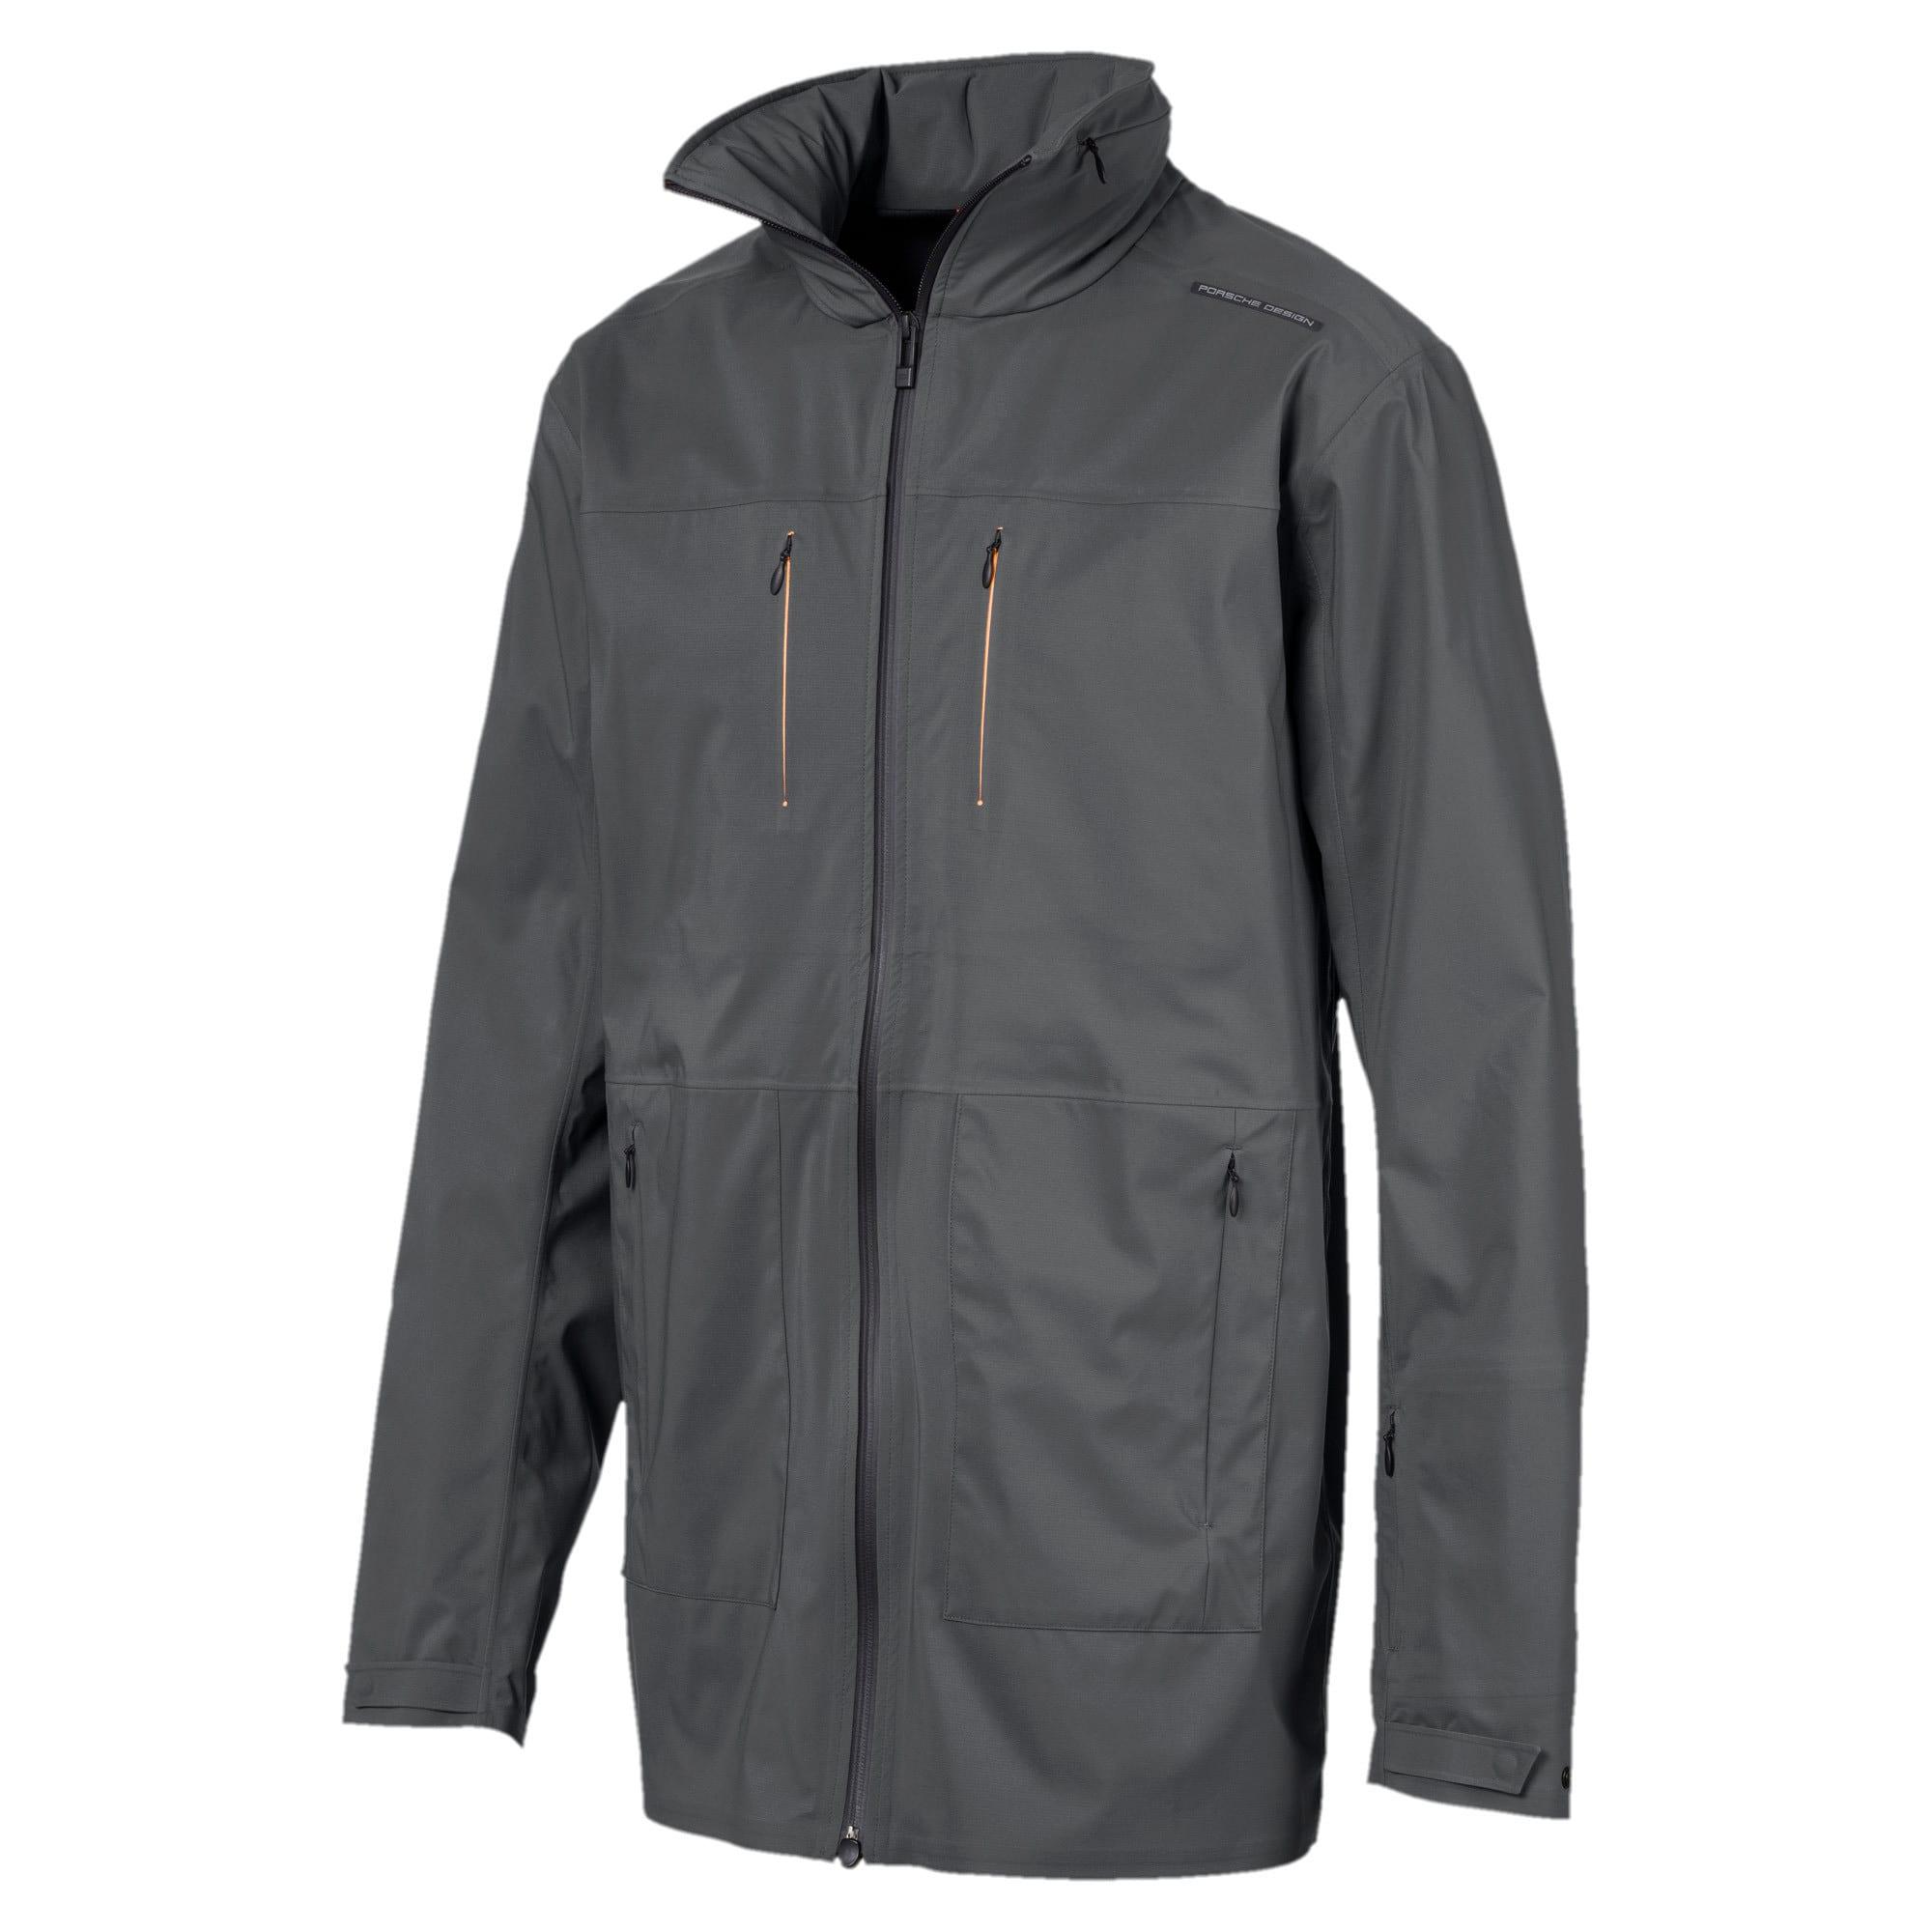 Thumbnail 1 of Porsche Design RCT Men's Jacket, Asphalt, medium